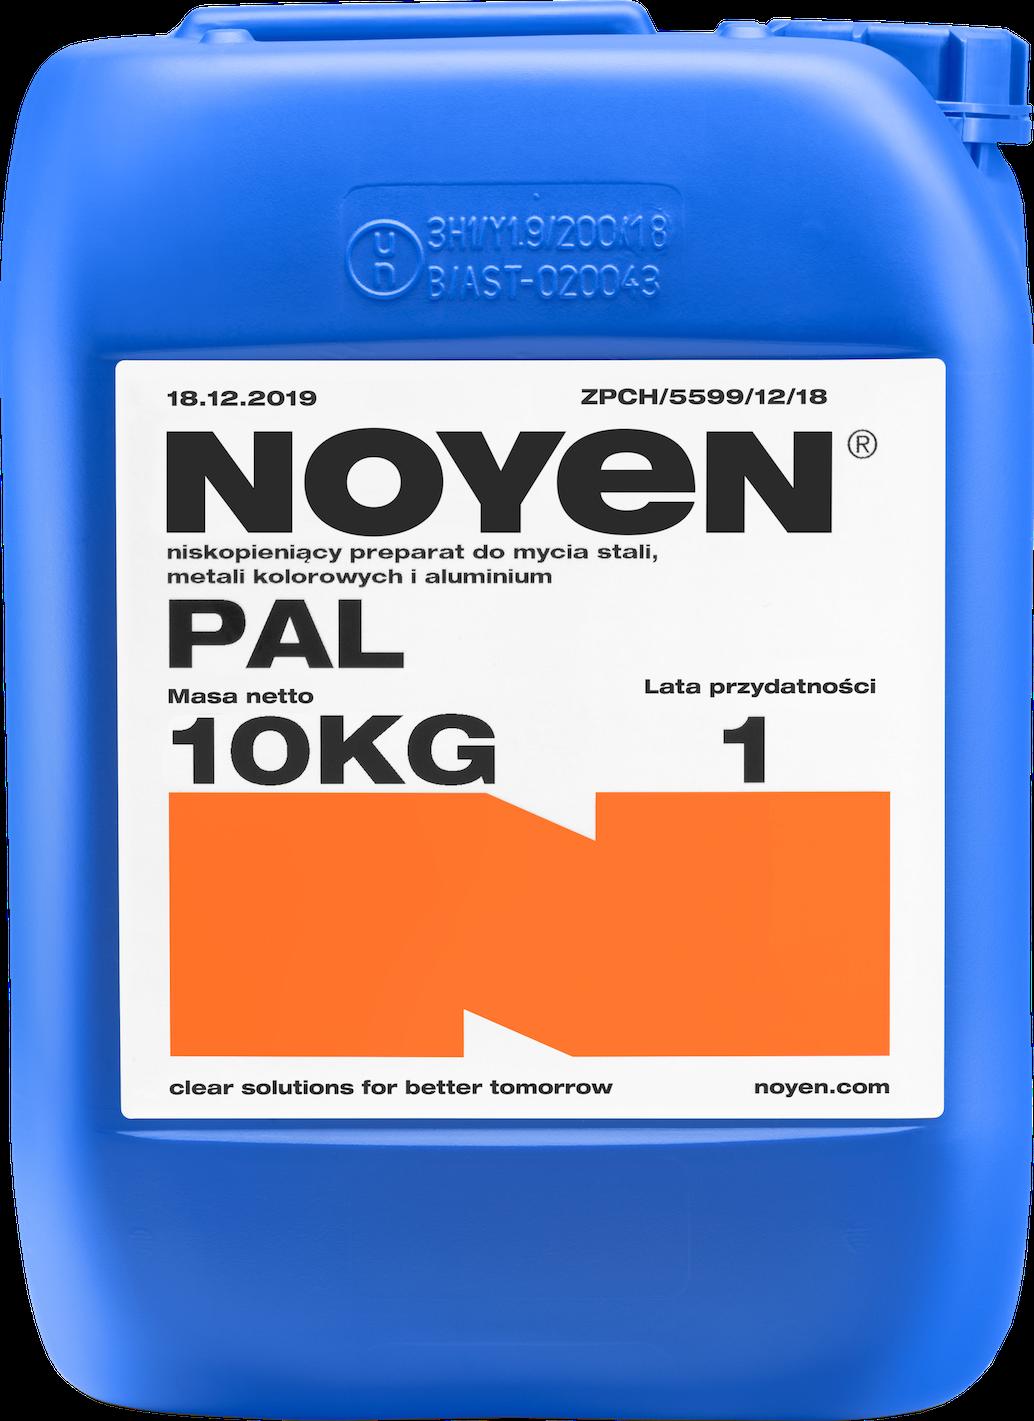 PAL NOYEN 10 KG niskopieniący preparat do mycia stali, metali kolorowych i aluminium w niebieskim kanistrze